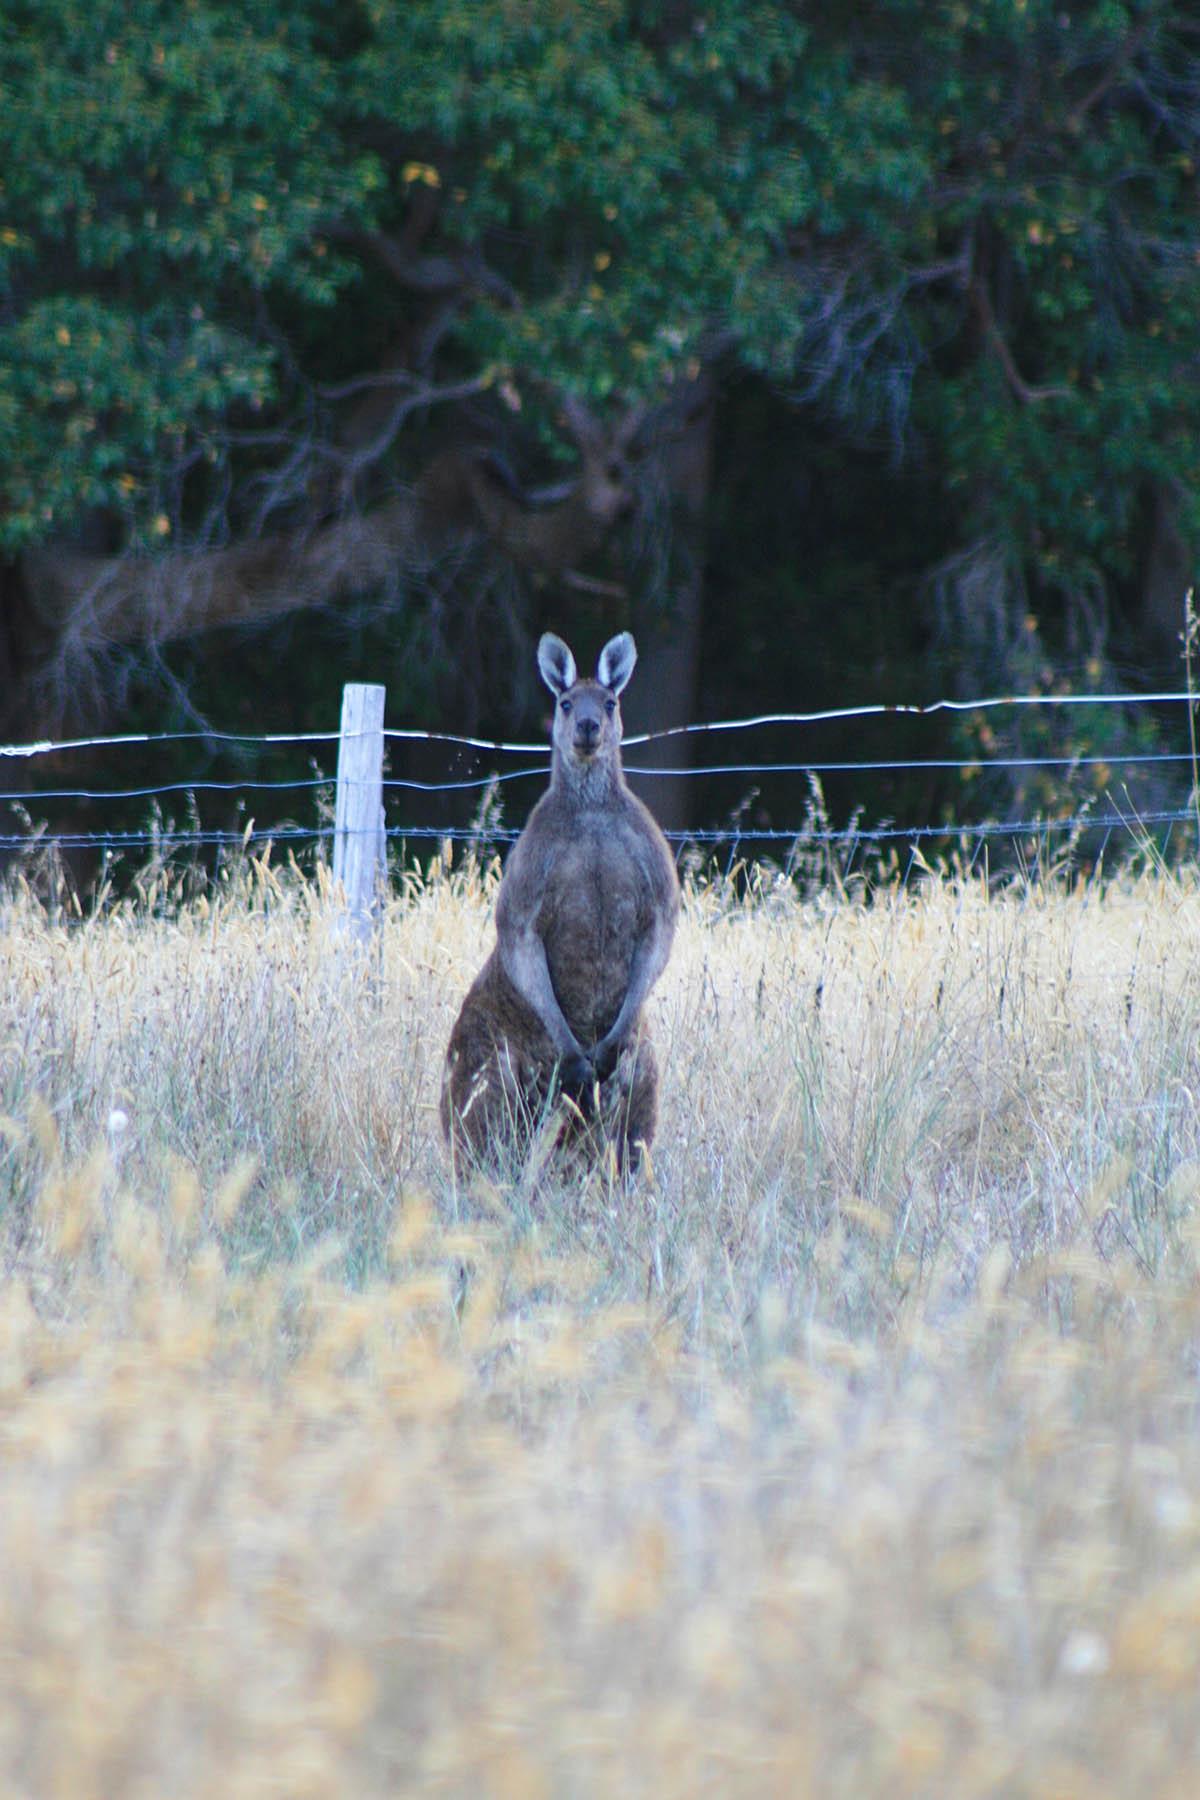 Kangaroo_resized.jpg